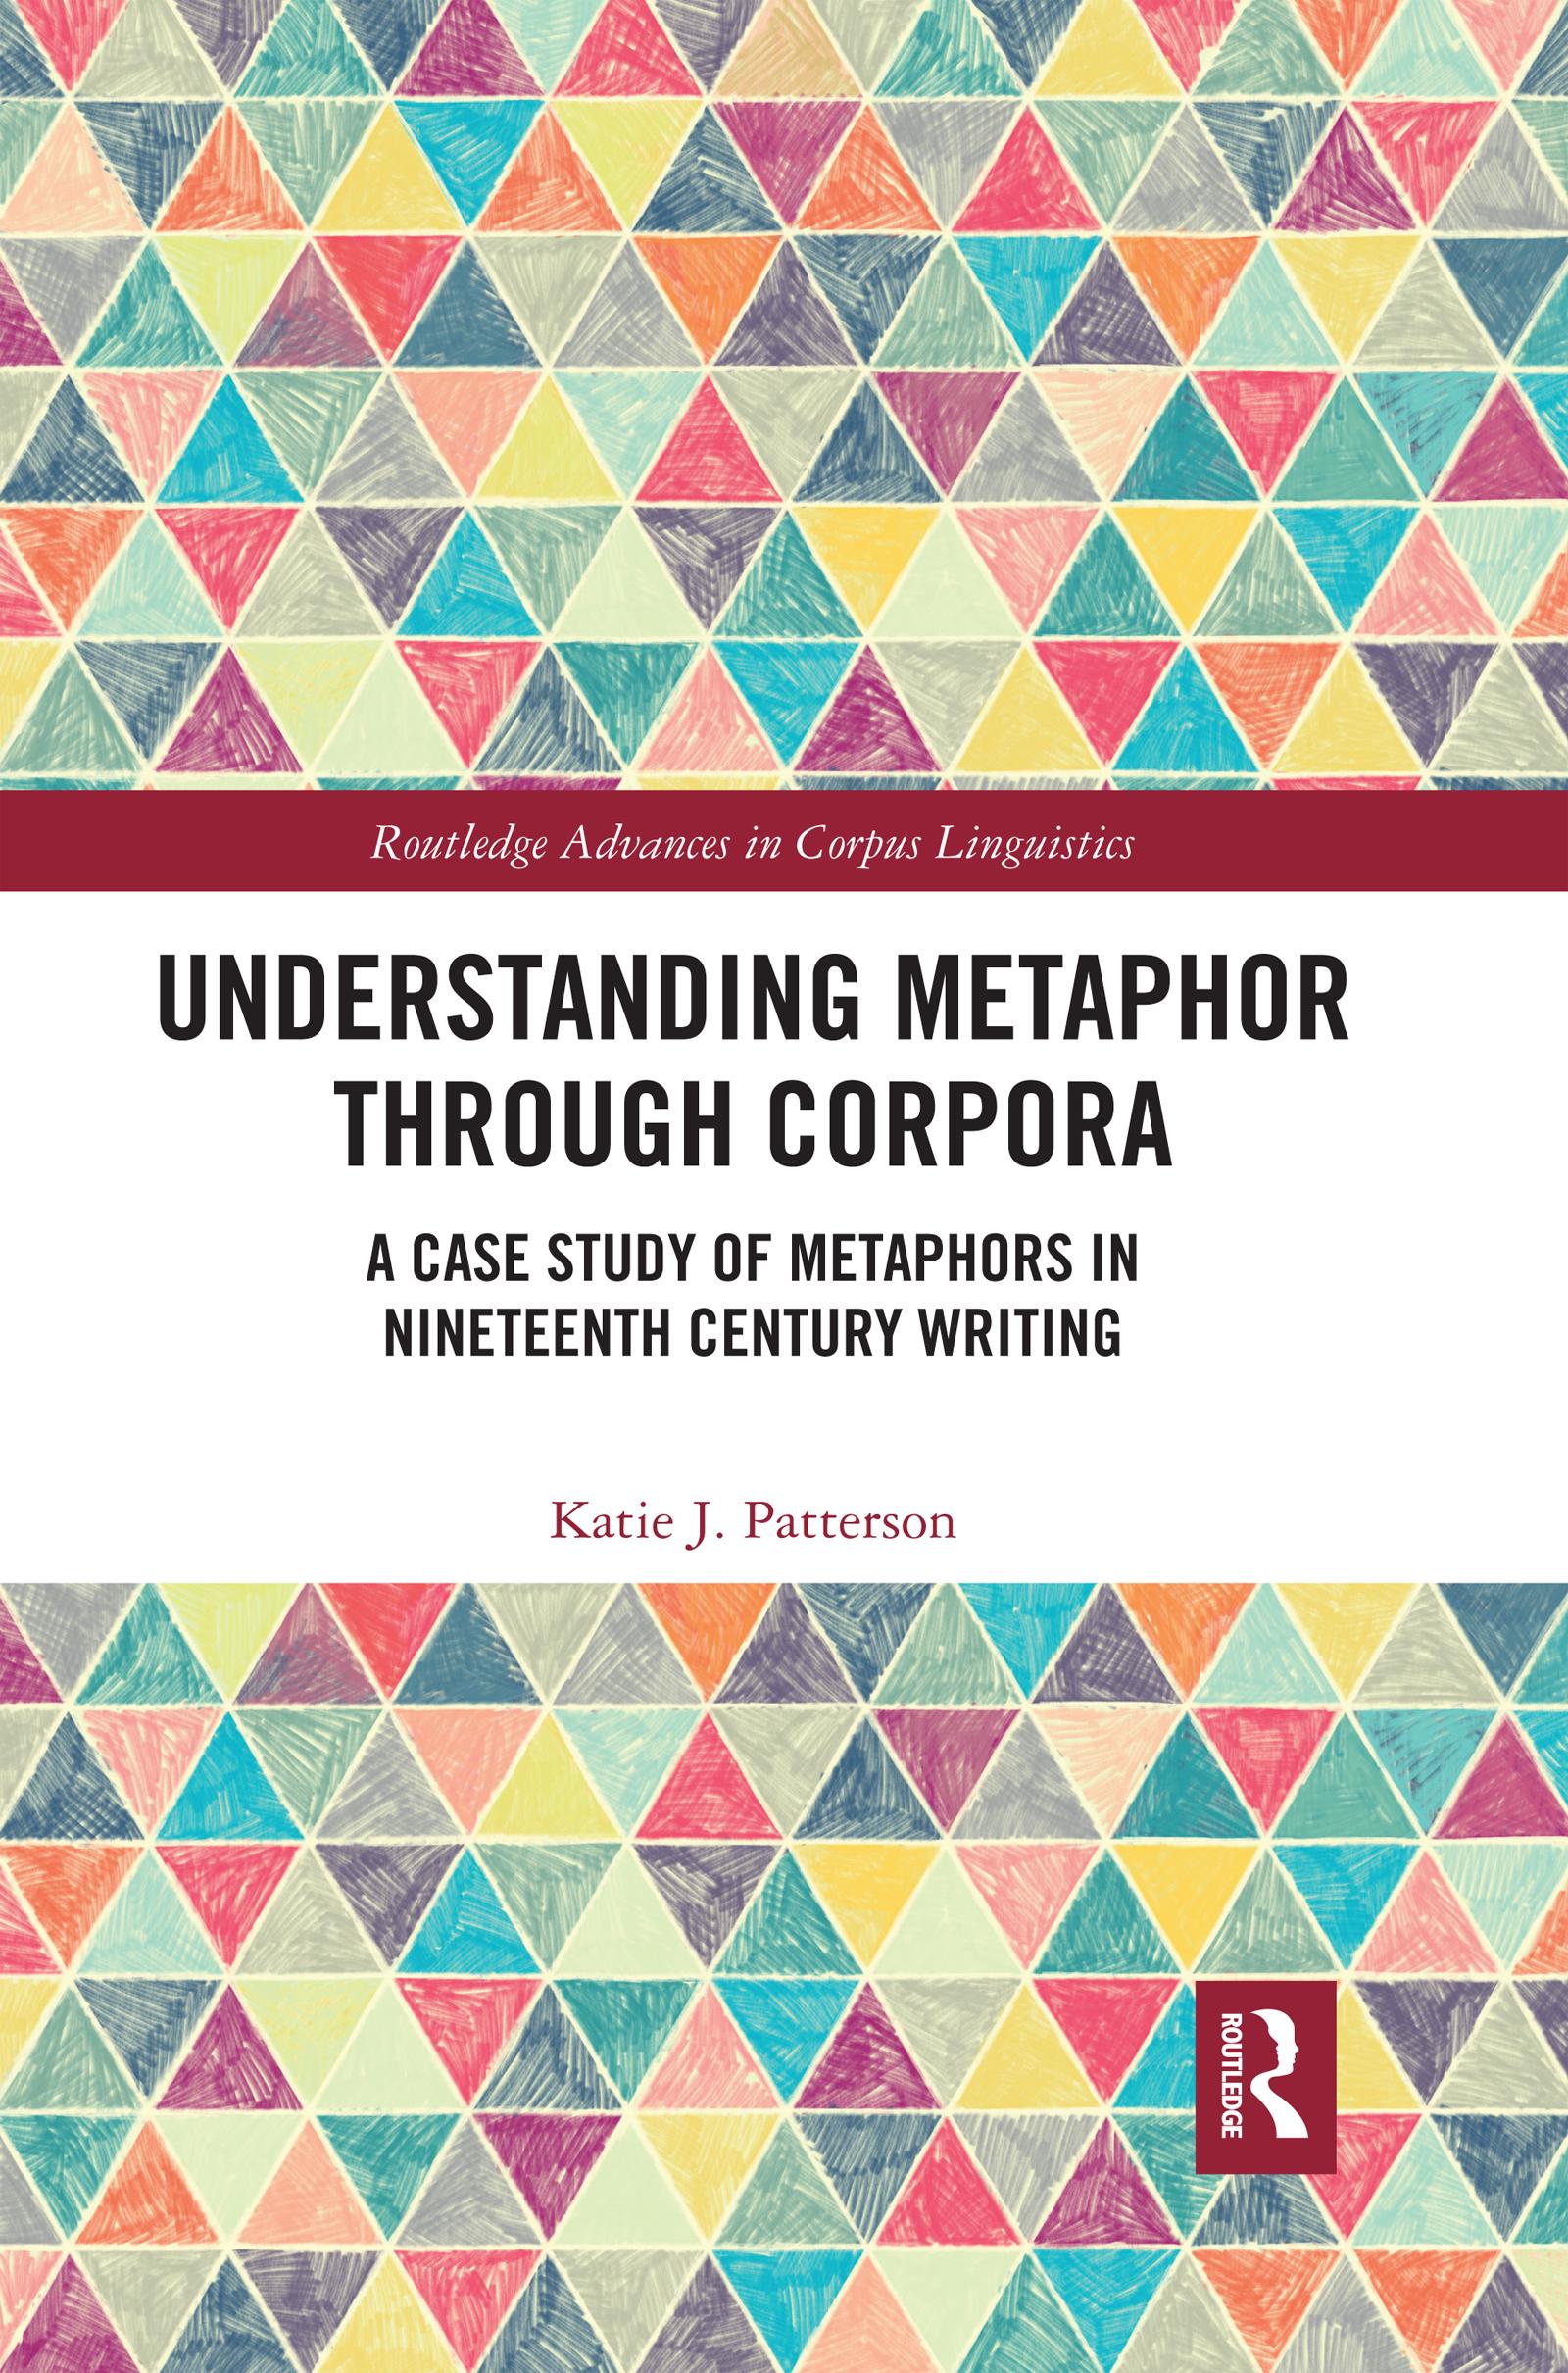 Understanding Metaphor through Corpora